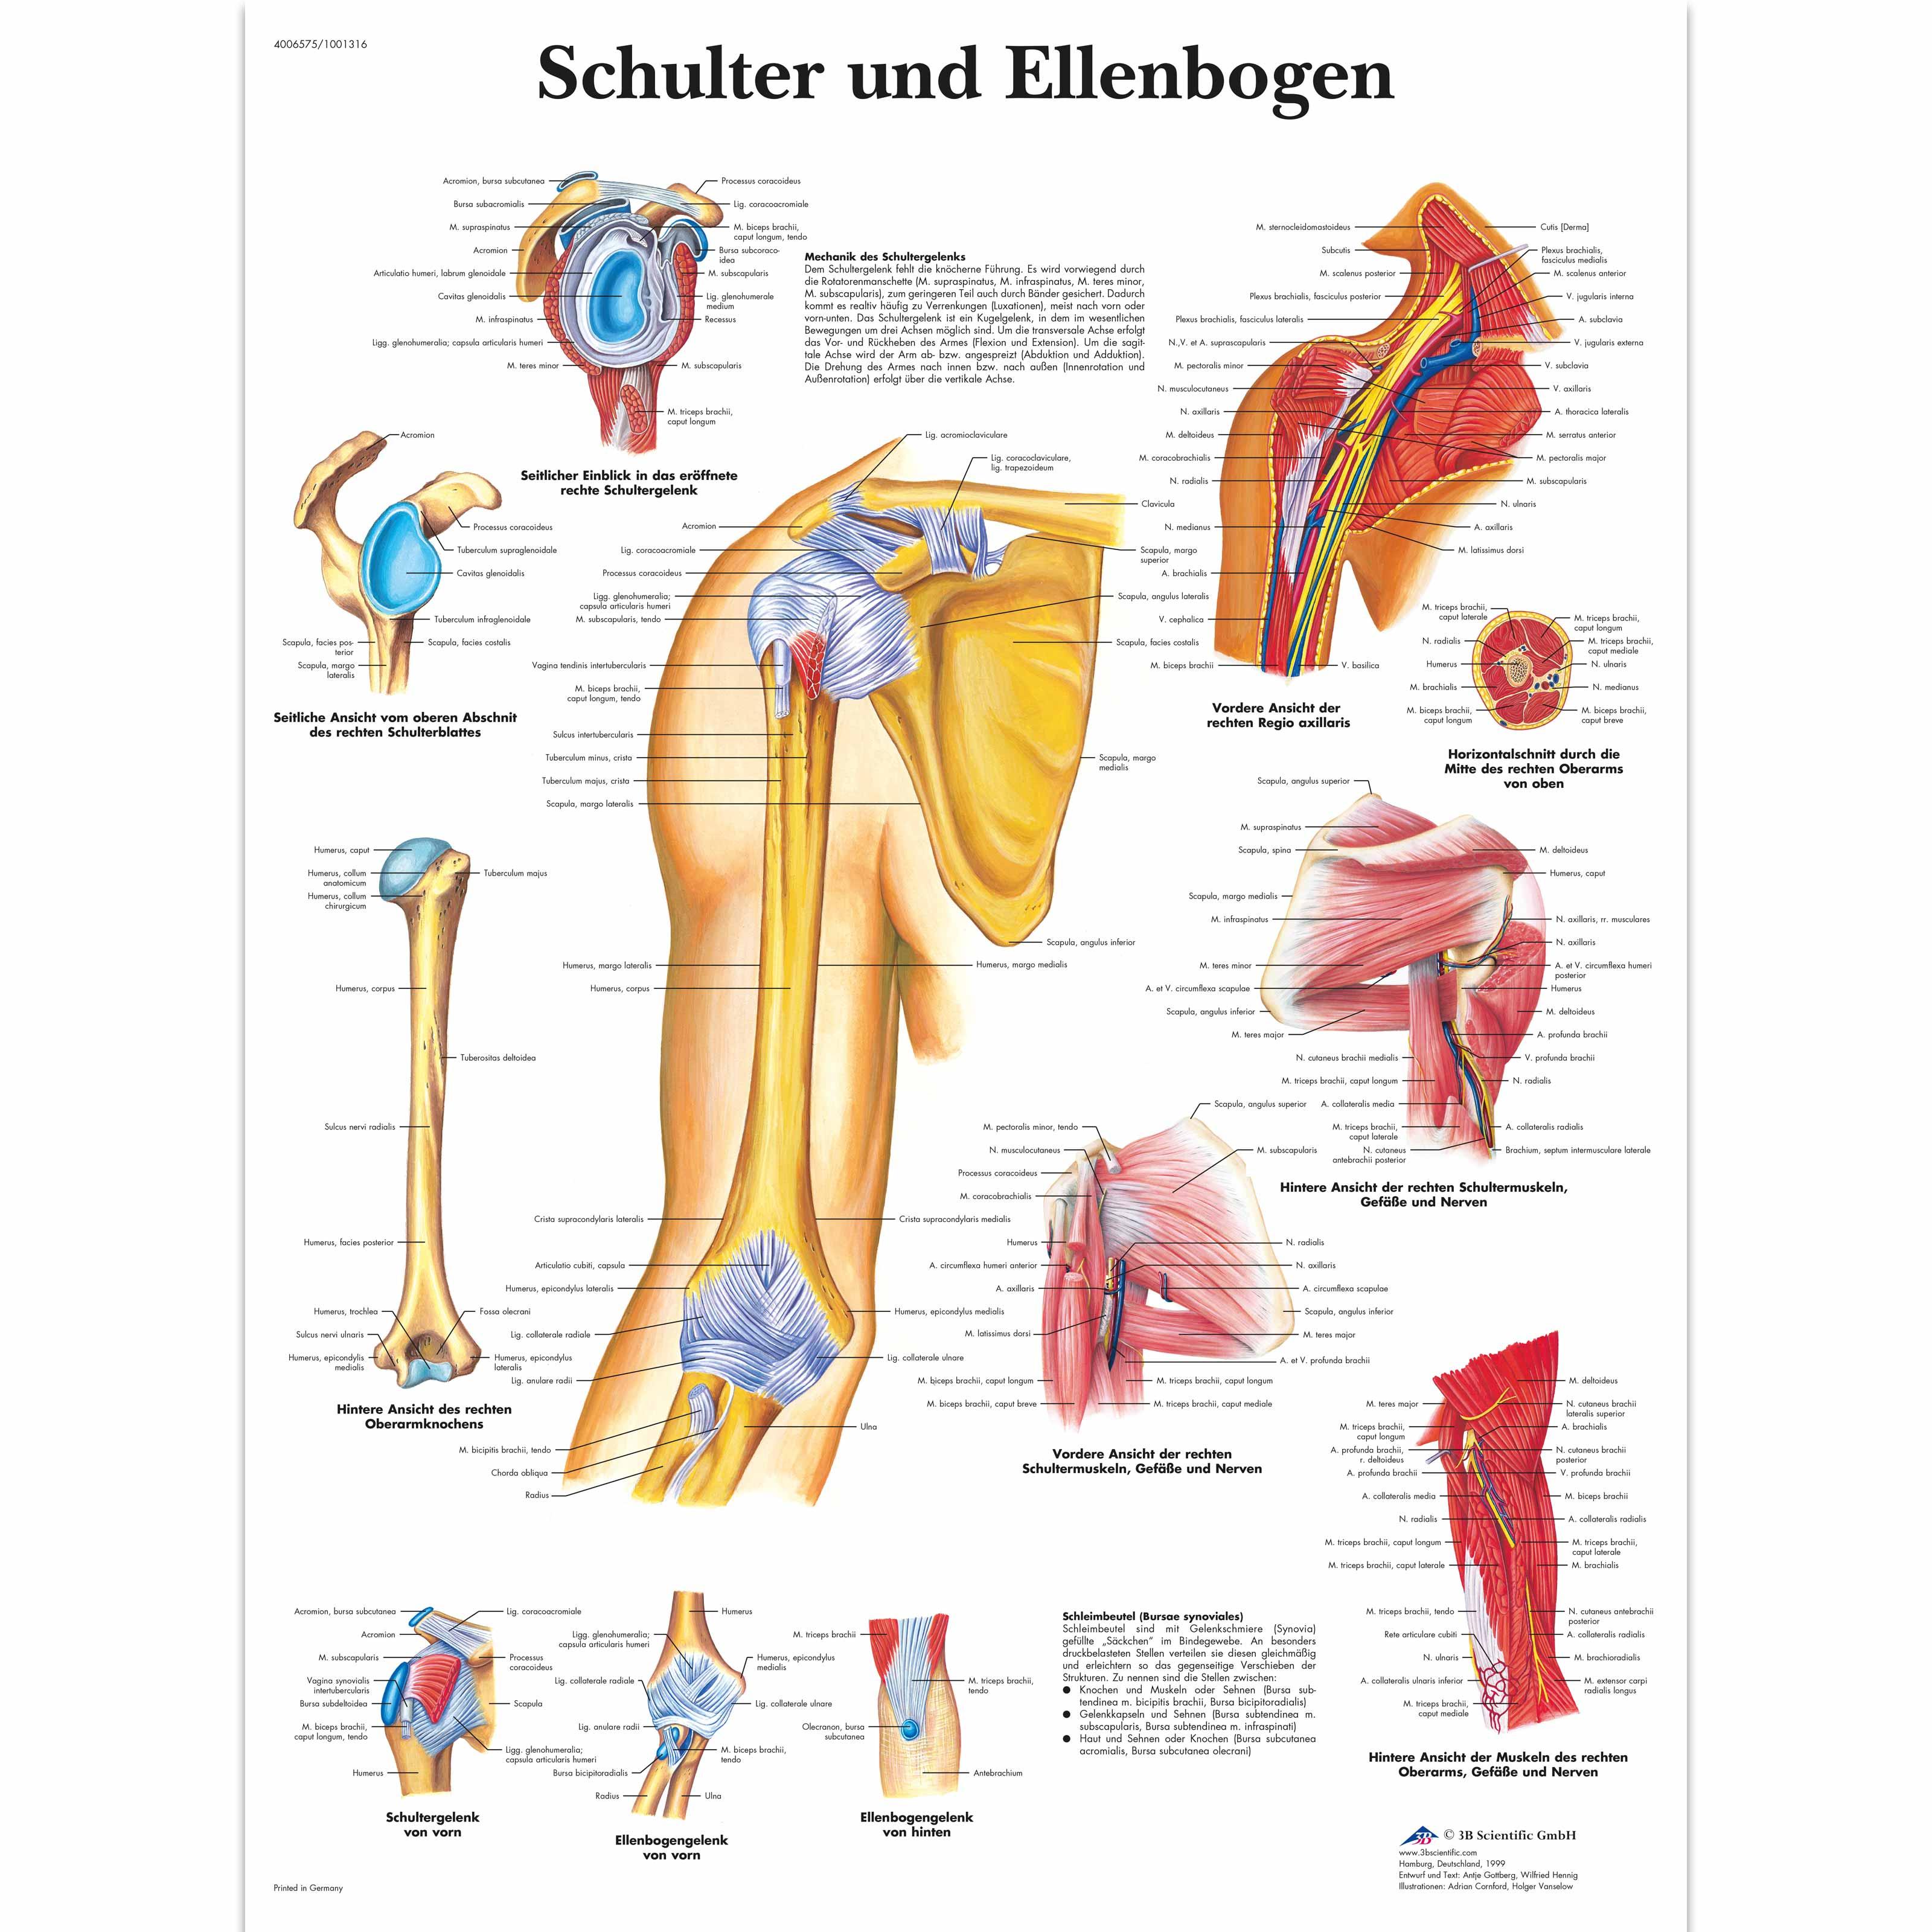 Charmant Anatomie Und Physiologie Fsu Bilder - Menschliche Anatomie ...